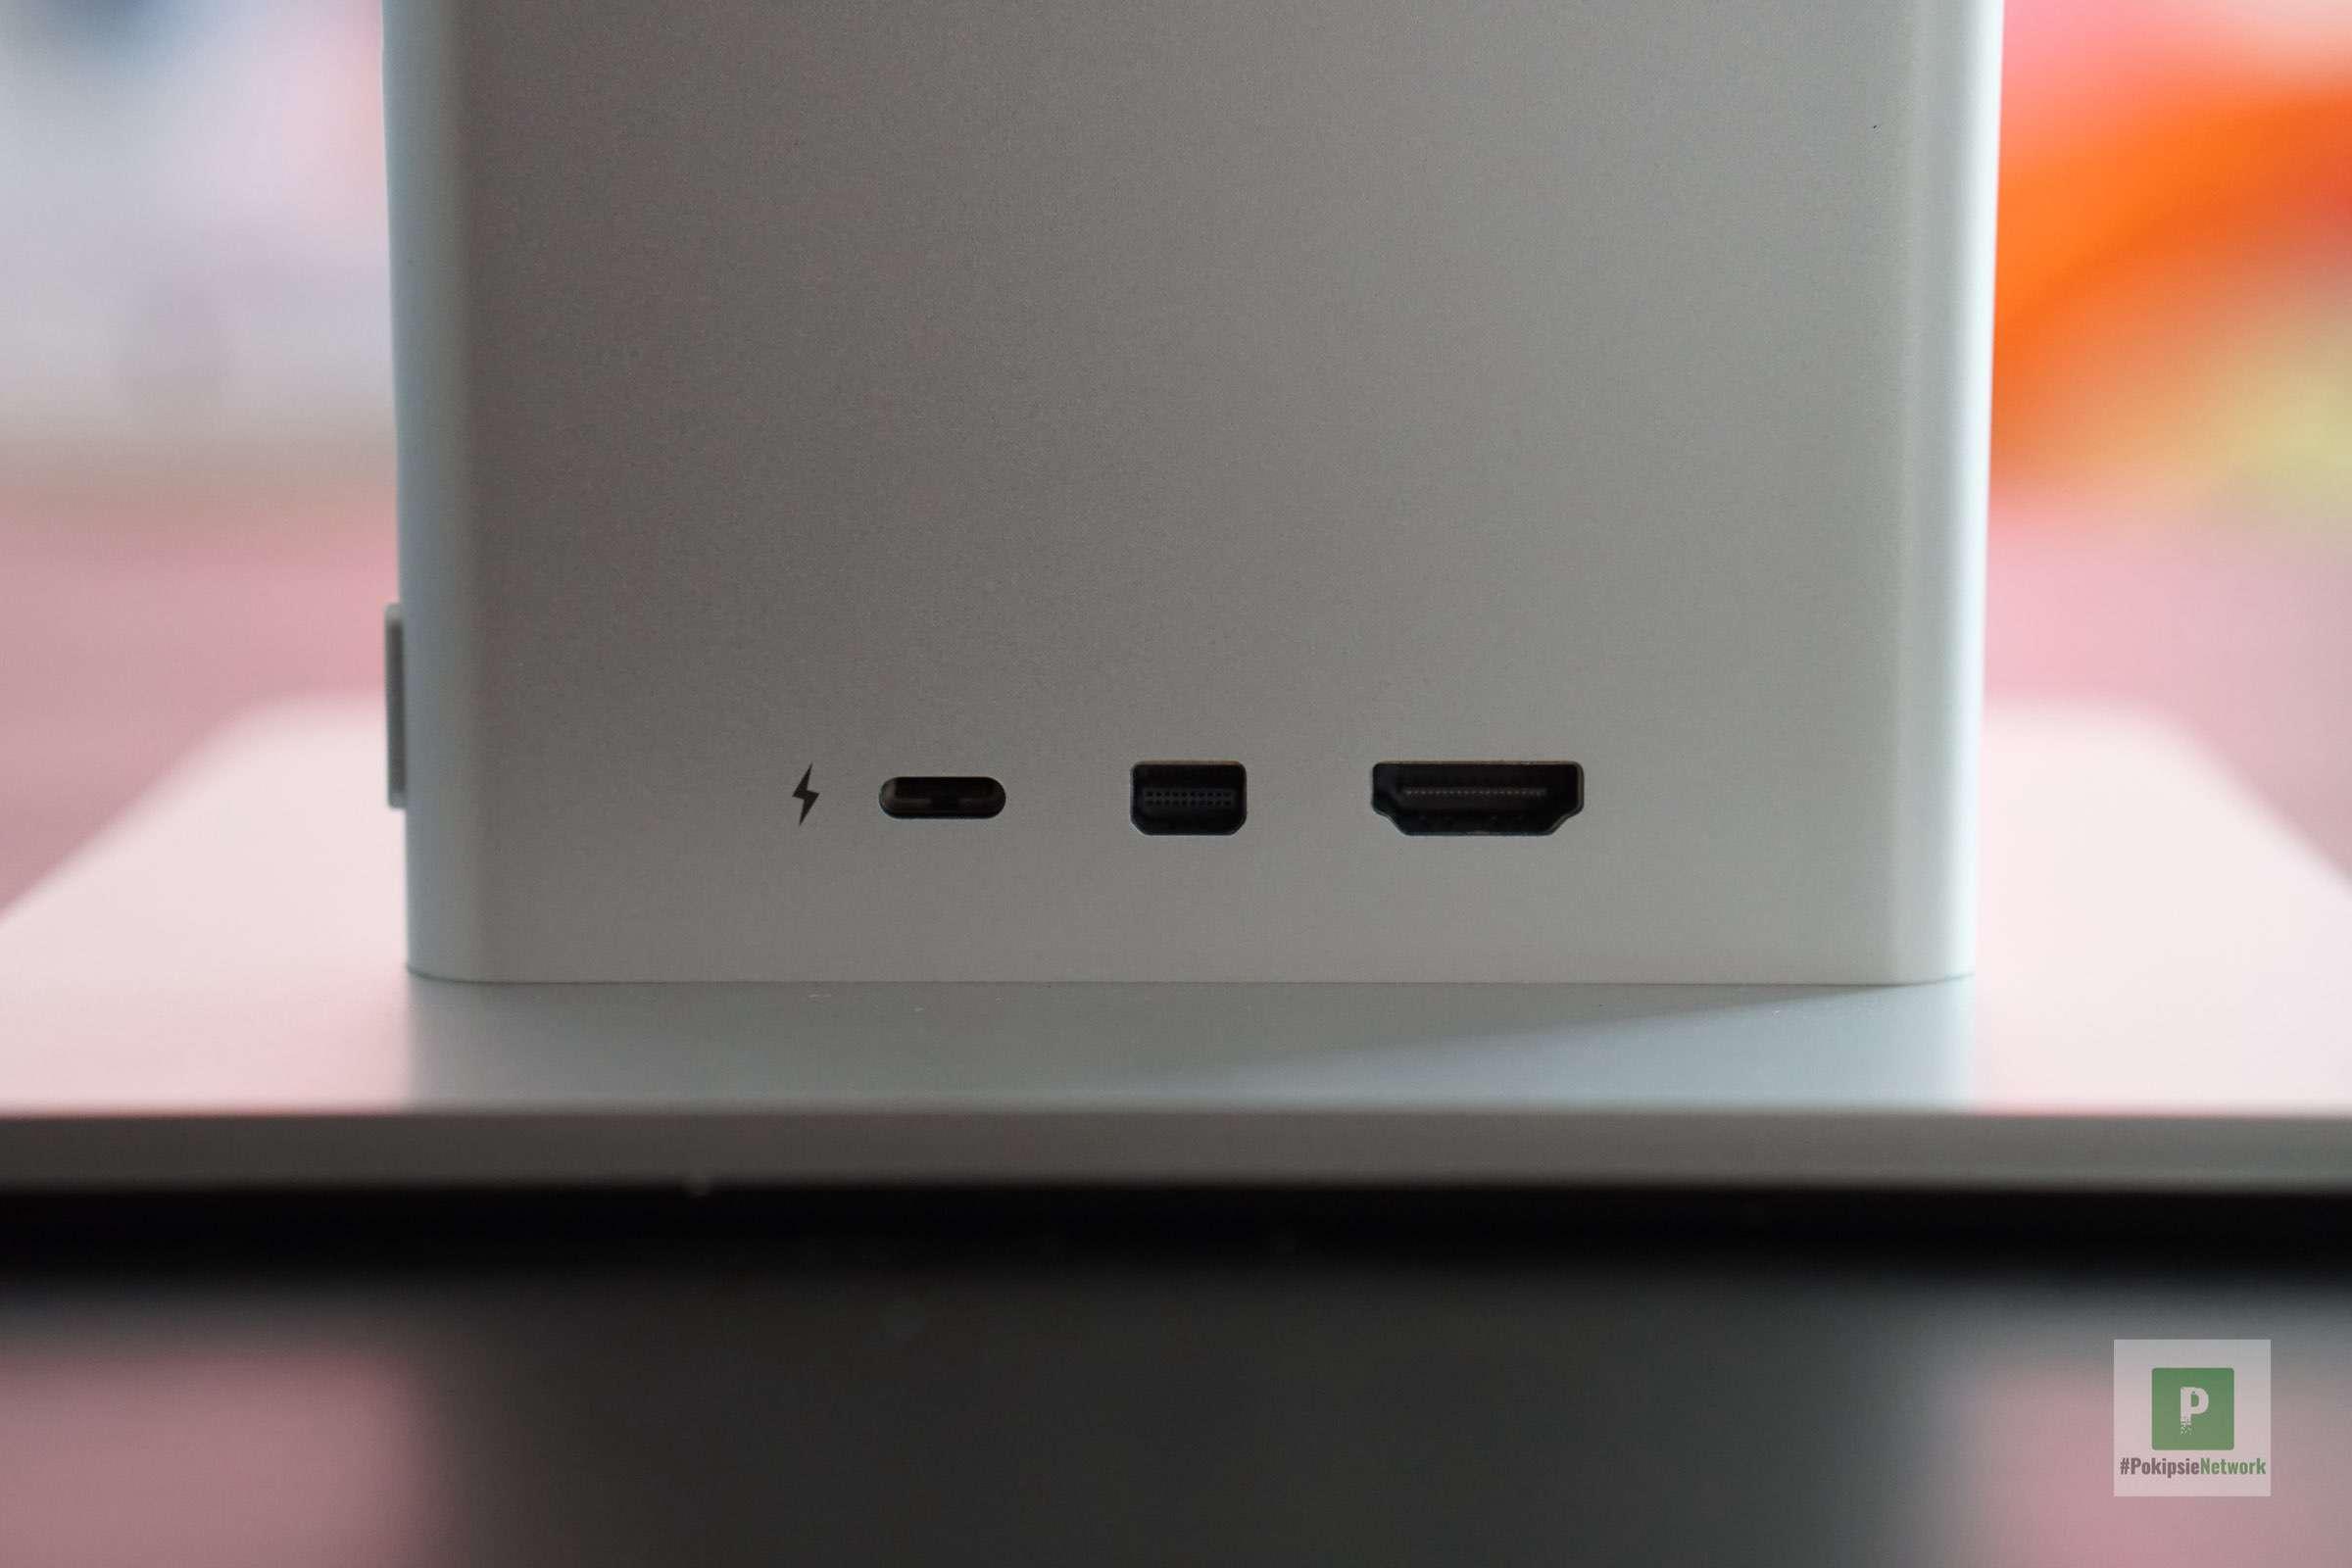 USB-C-Stromanschluss, Mini DisplayPort und HDMI-Anschluss